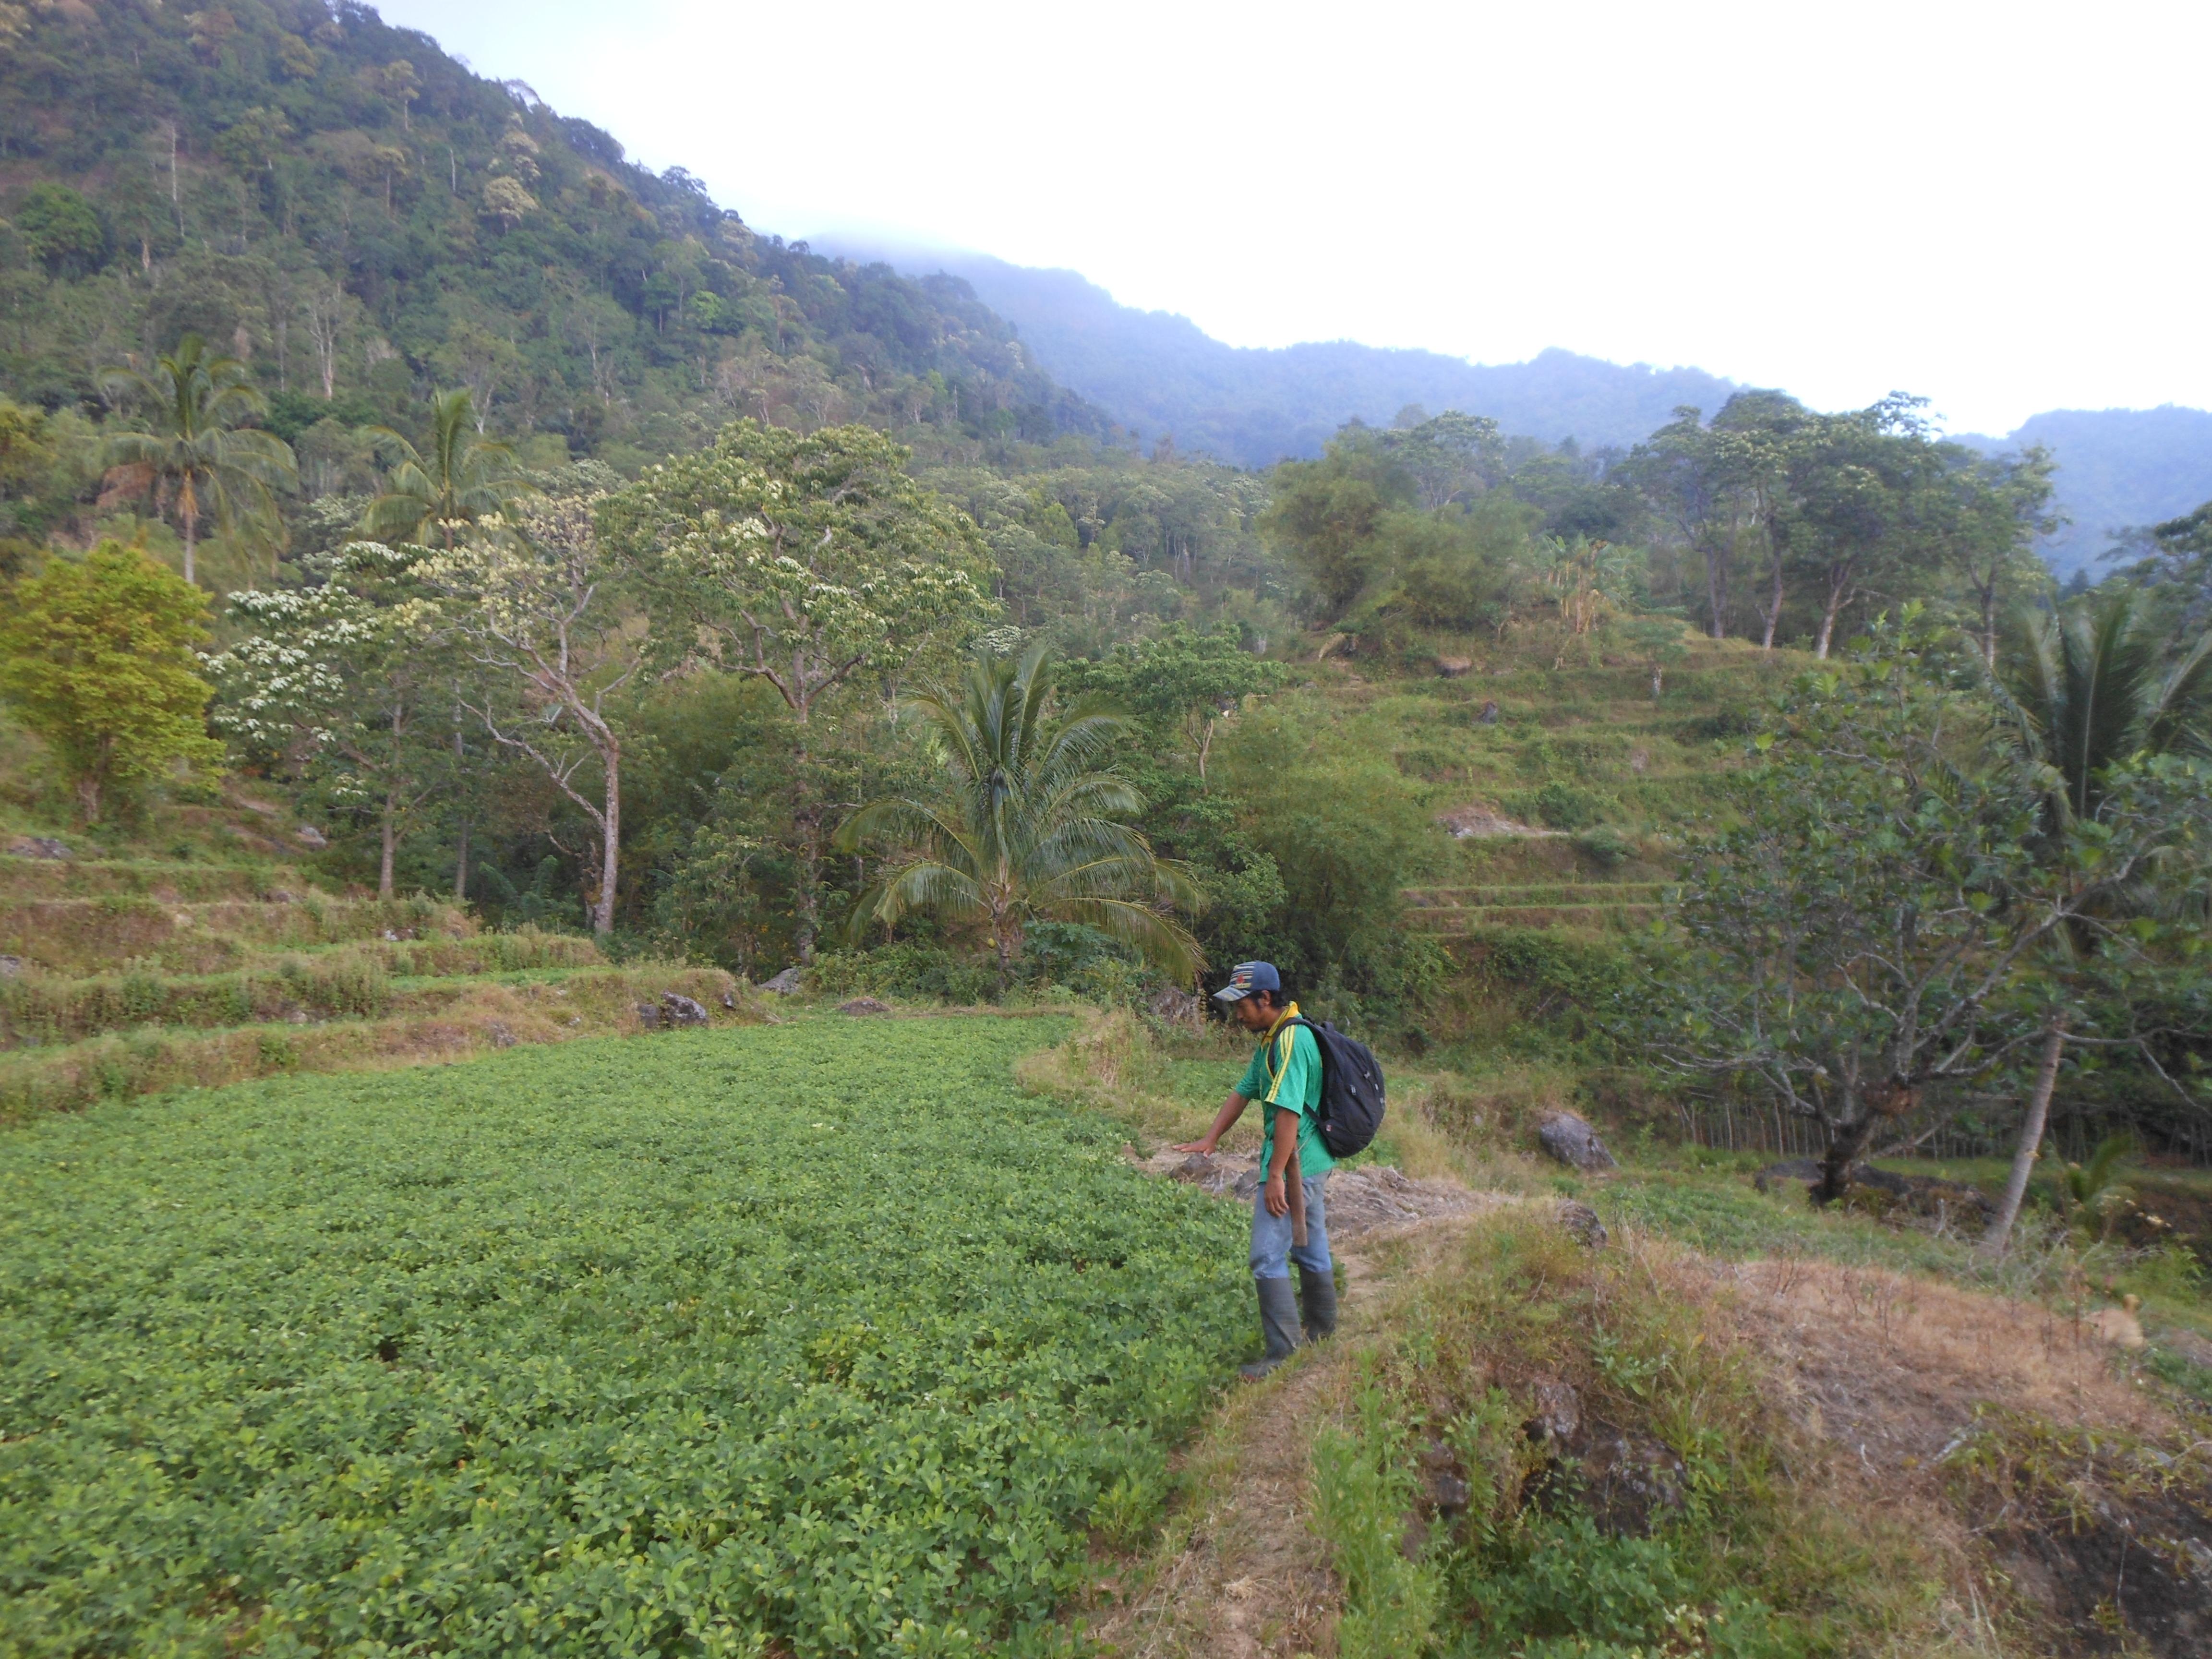 tondongkarambu-143